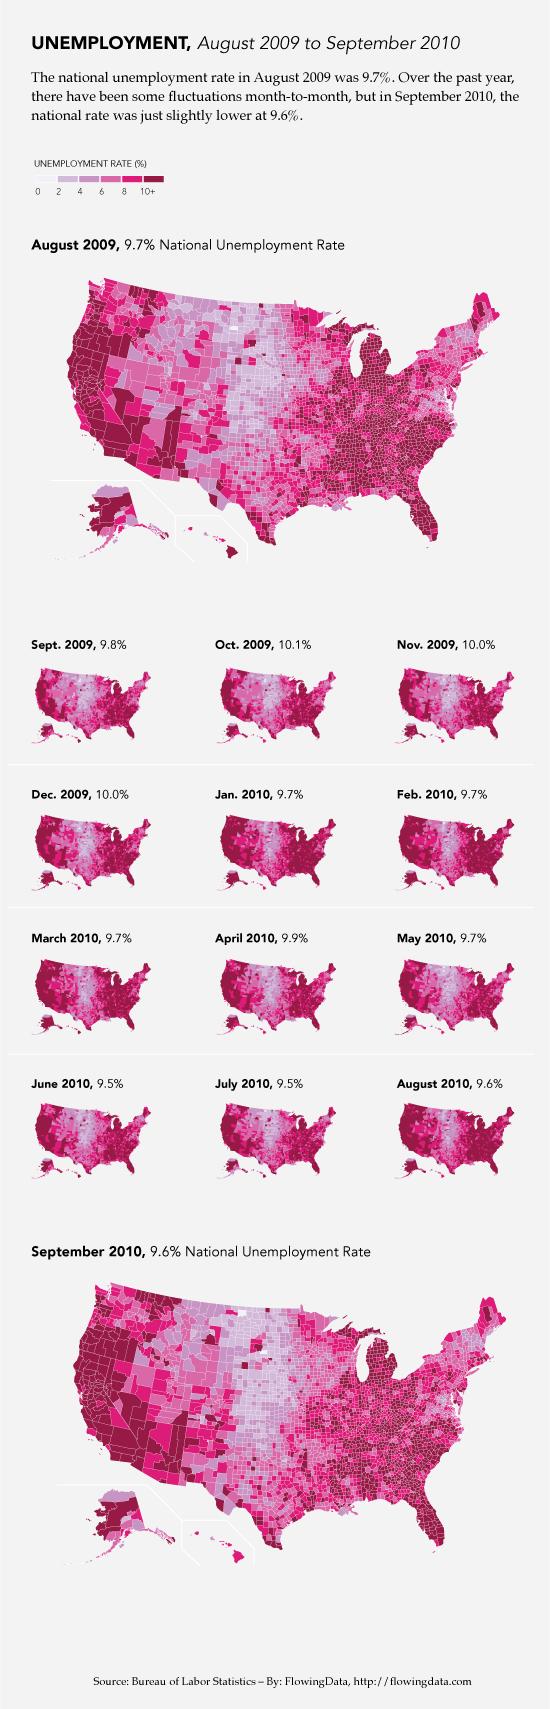 Unemployment map via FlowingData